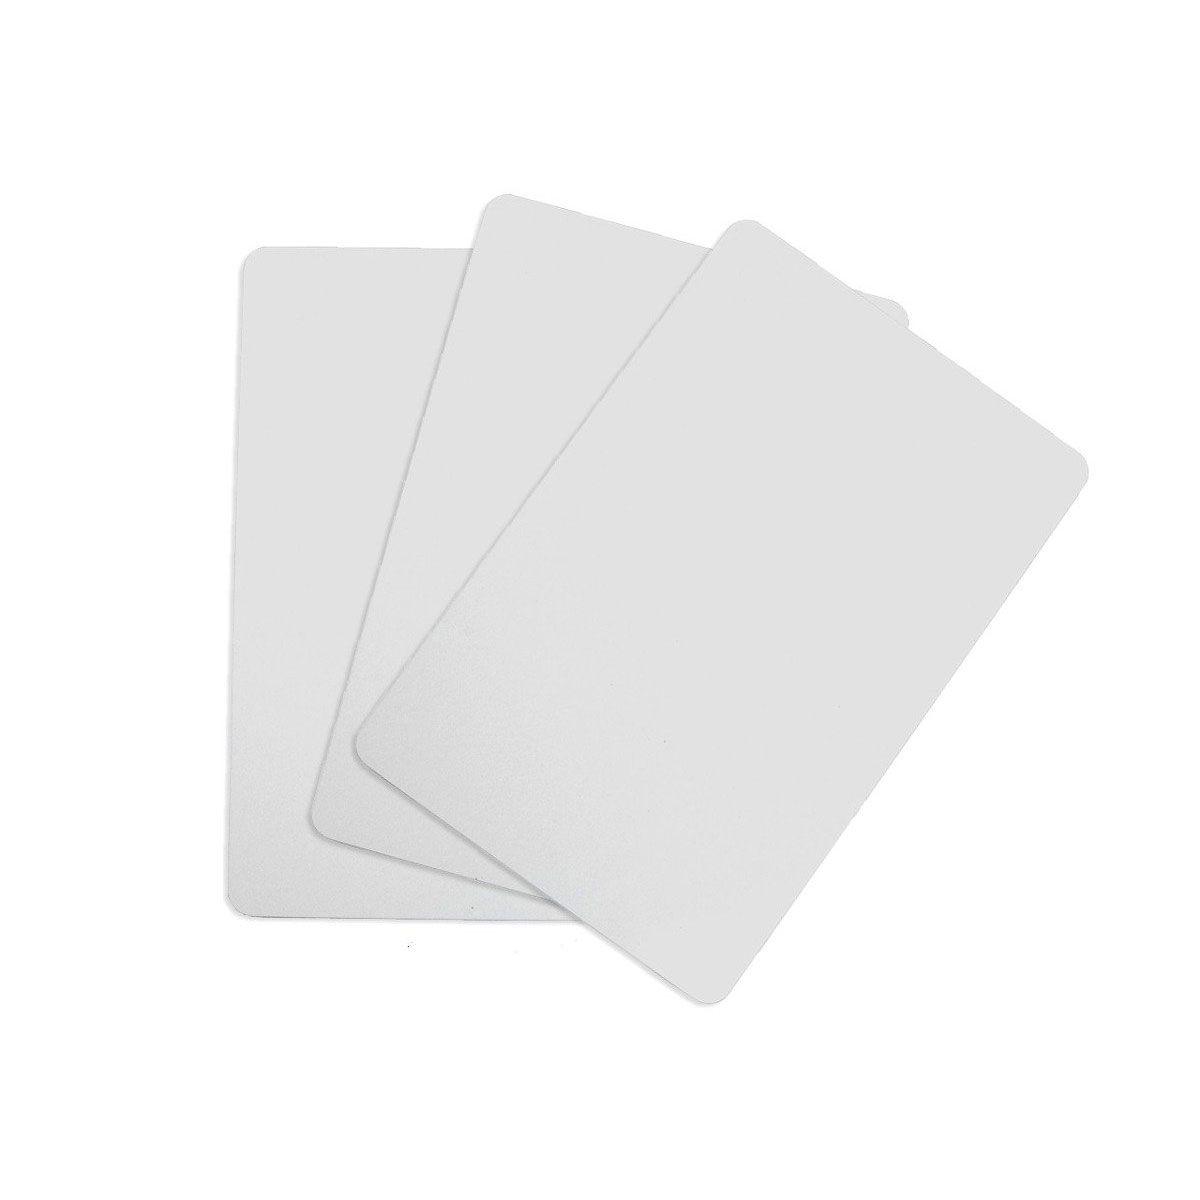 3x Cartão Tag RFID 125Khz